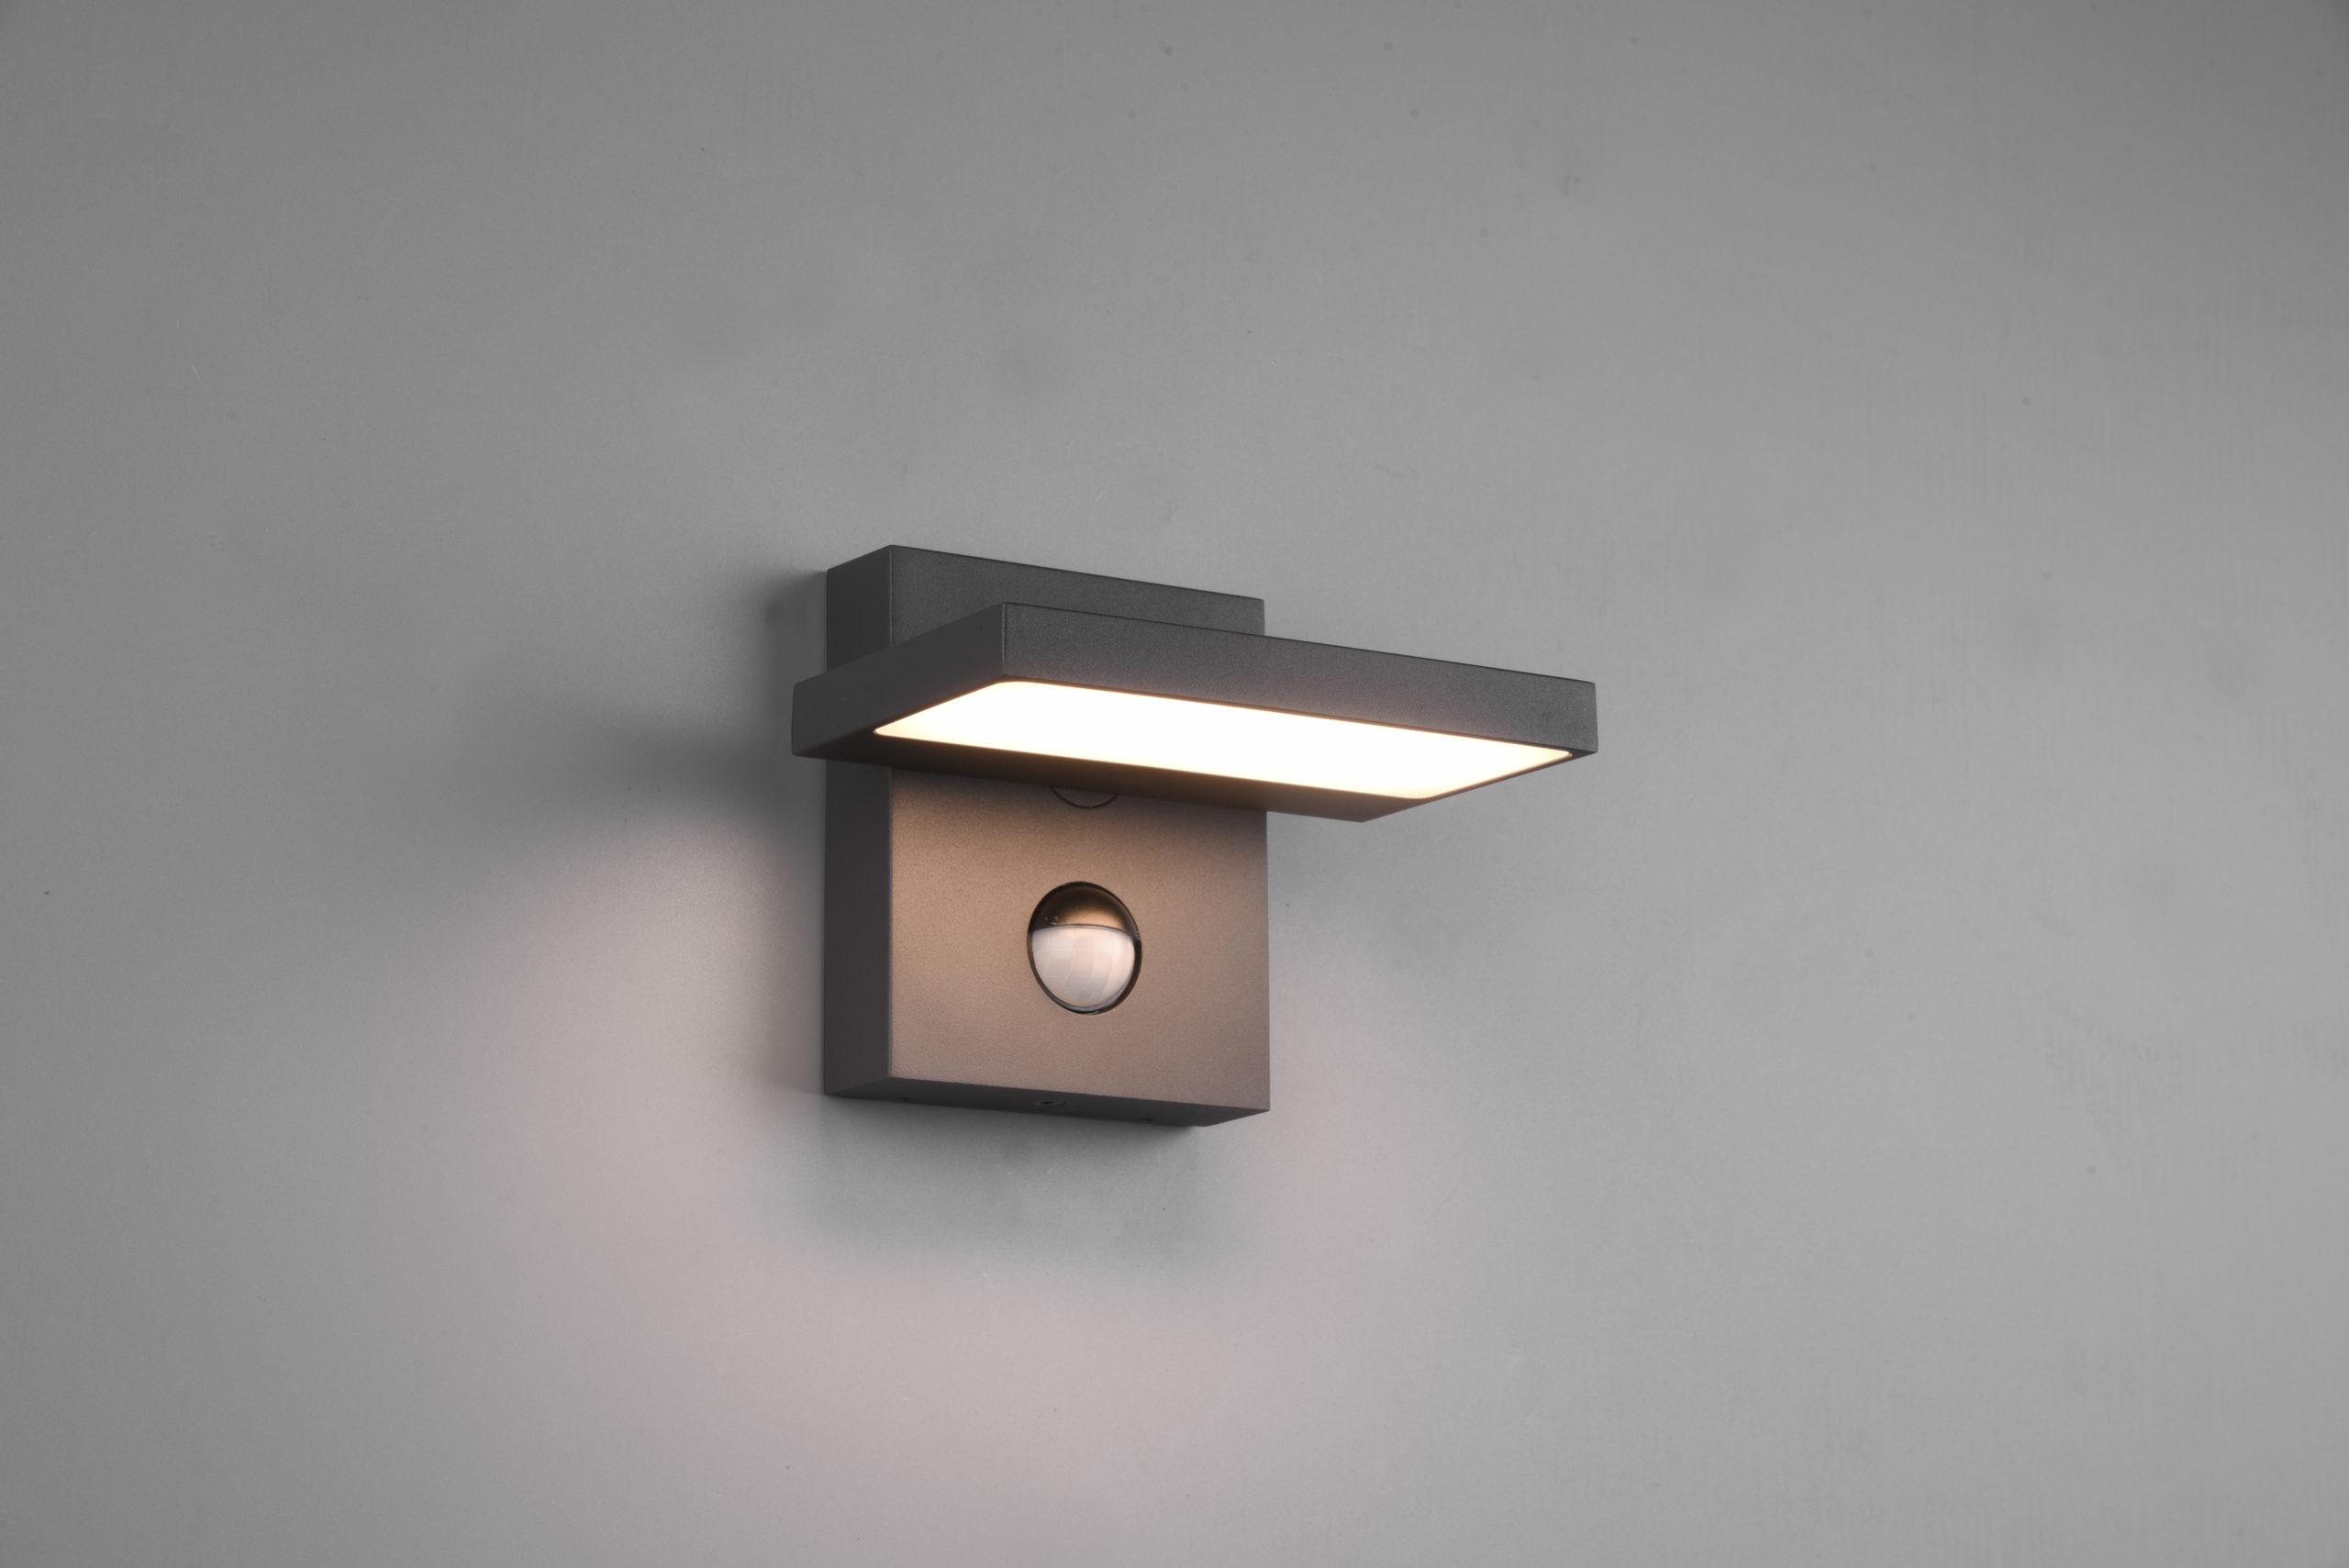 Applique extérieur orientable SMD LED, 8W · 1x 1000lm, 3000K avec détecteur de mouvement